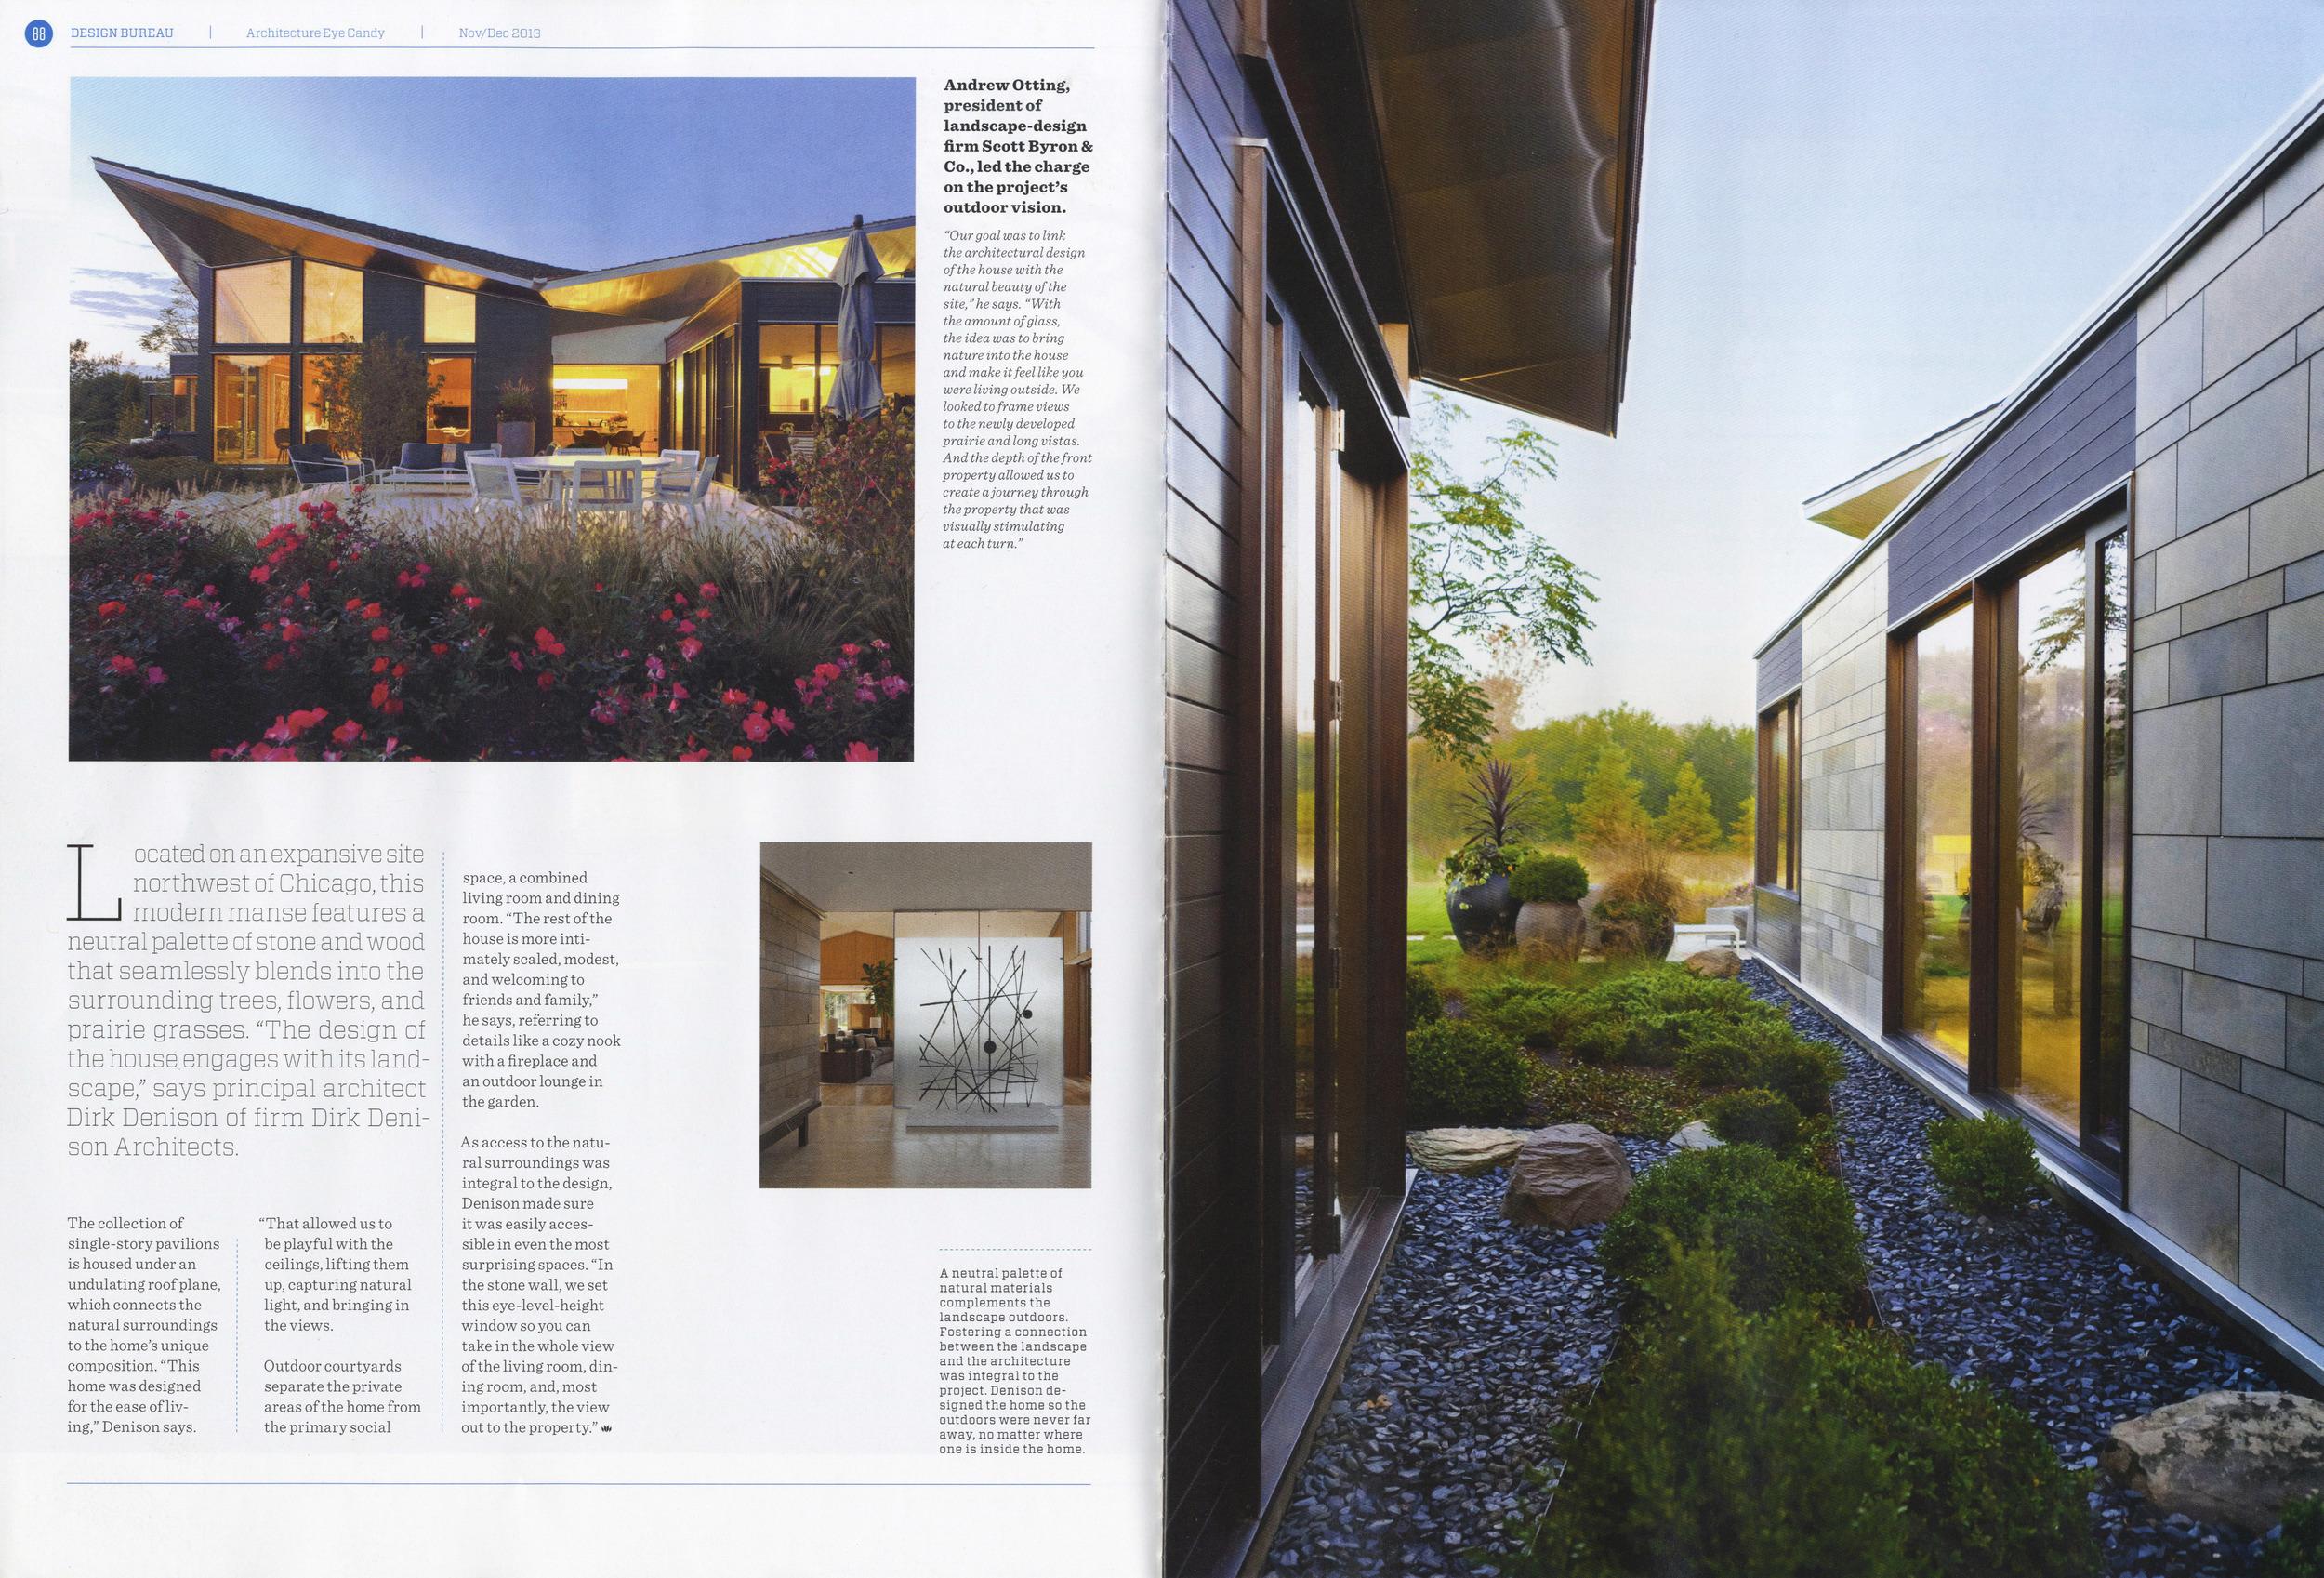 Design+Bureau+-+Page+2.jpg